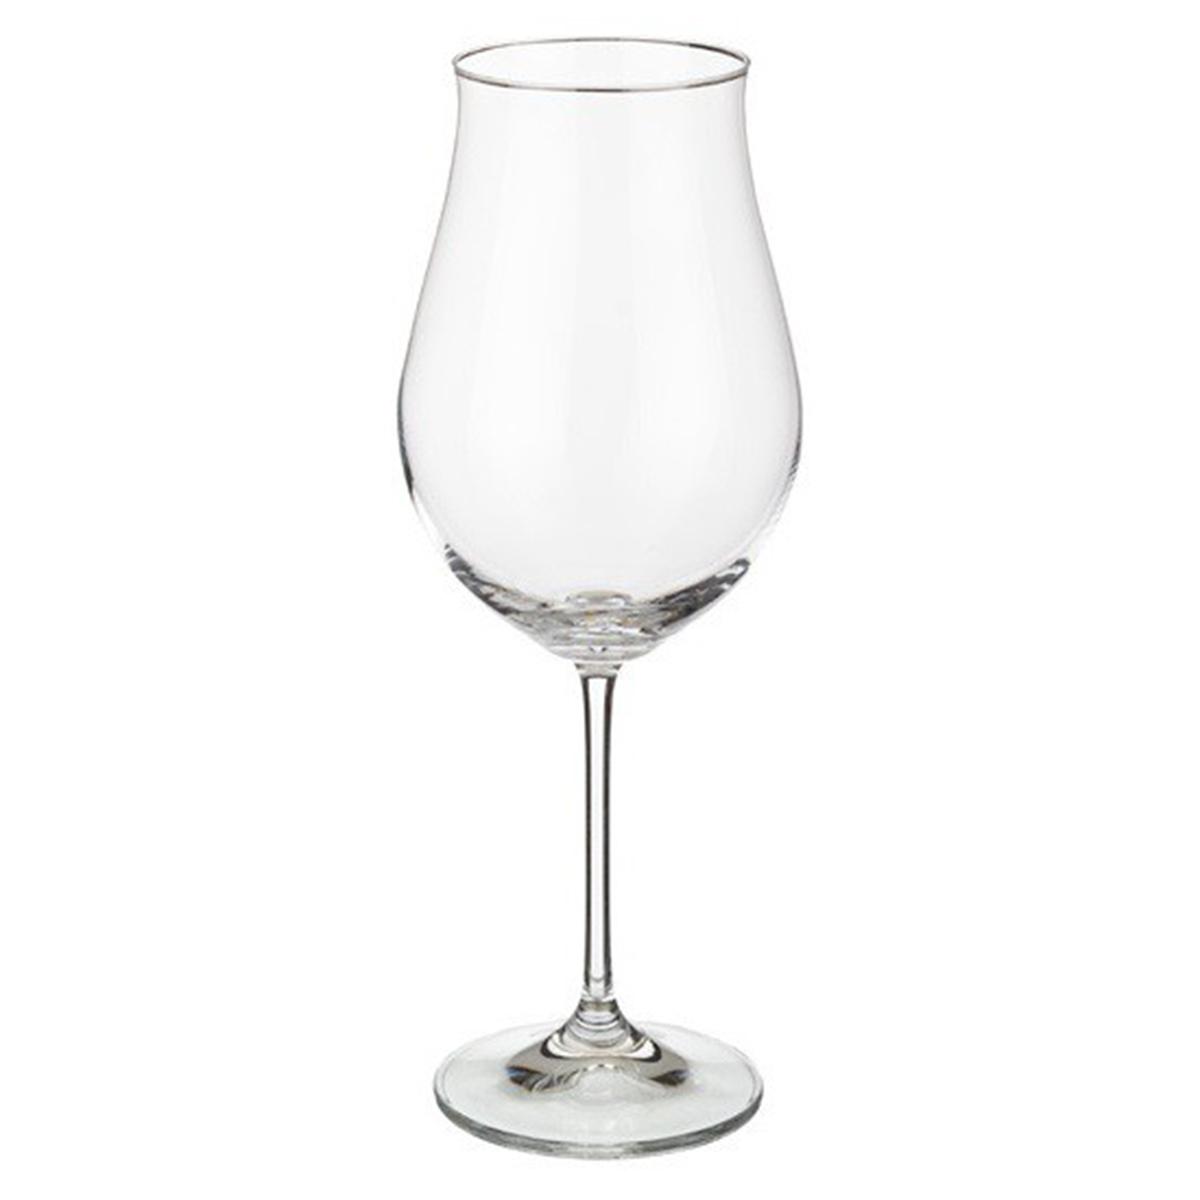 """Набор бокалов для вина """"Attimo"""" изготовлен из чешского бесцветного стекла на тонкой длинной ножке, без декора, чаша бокала имеет тонкие изгибы. Бокалы """"Attimo"""" сделают ваш праздник ярче. Количество в упаковке 6 шт. Объем  бокала 500 мл."""